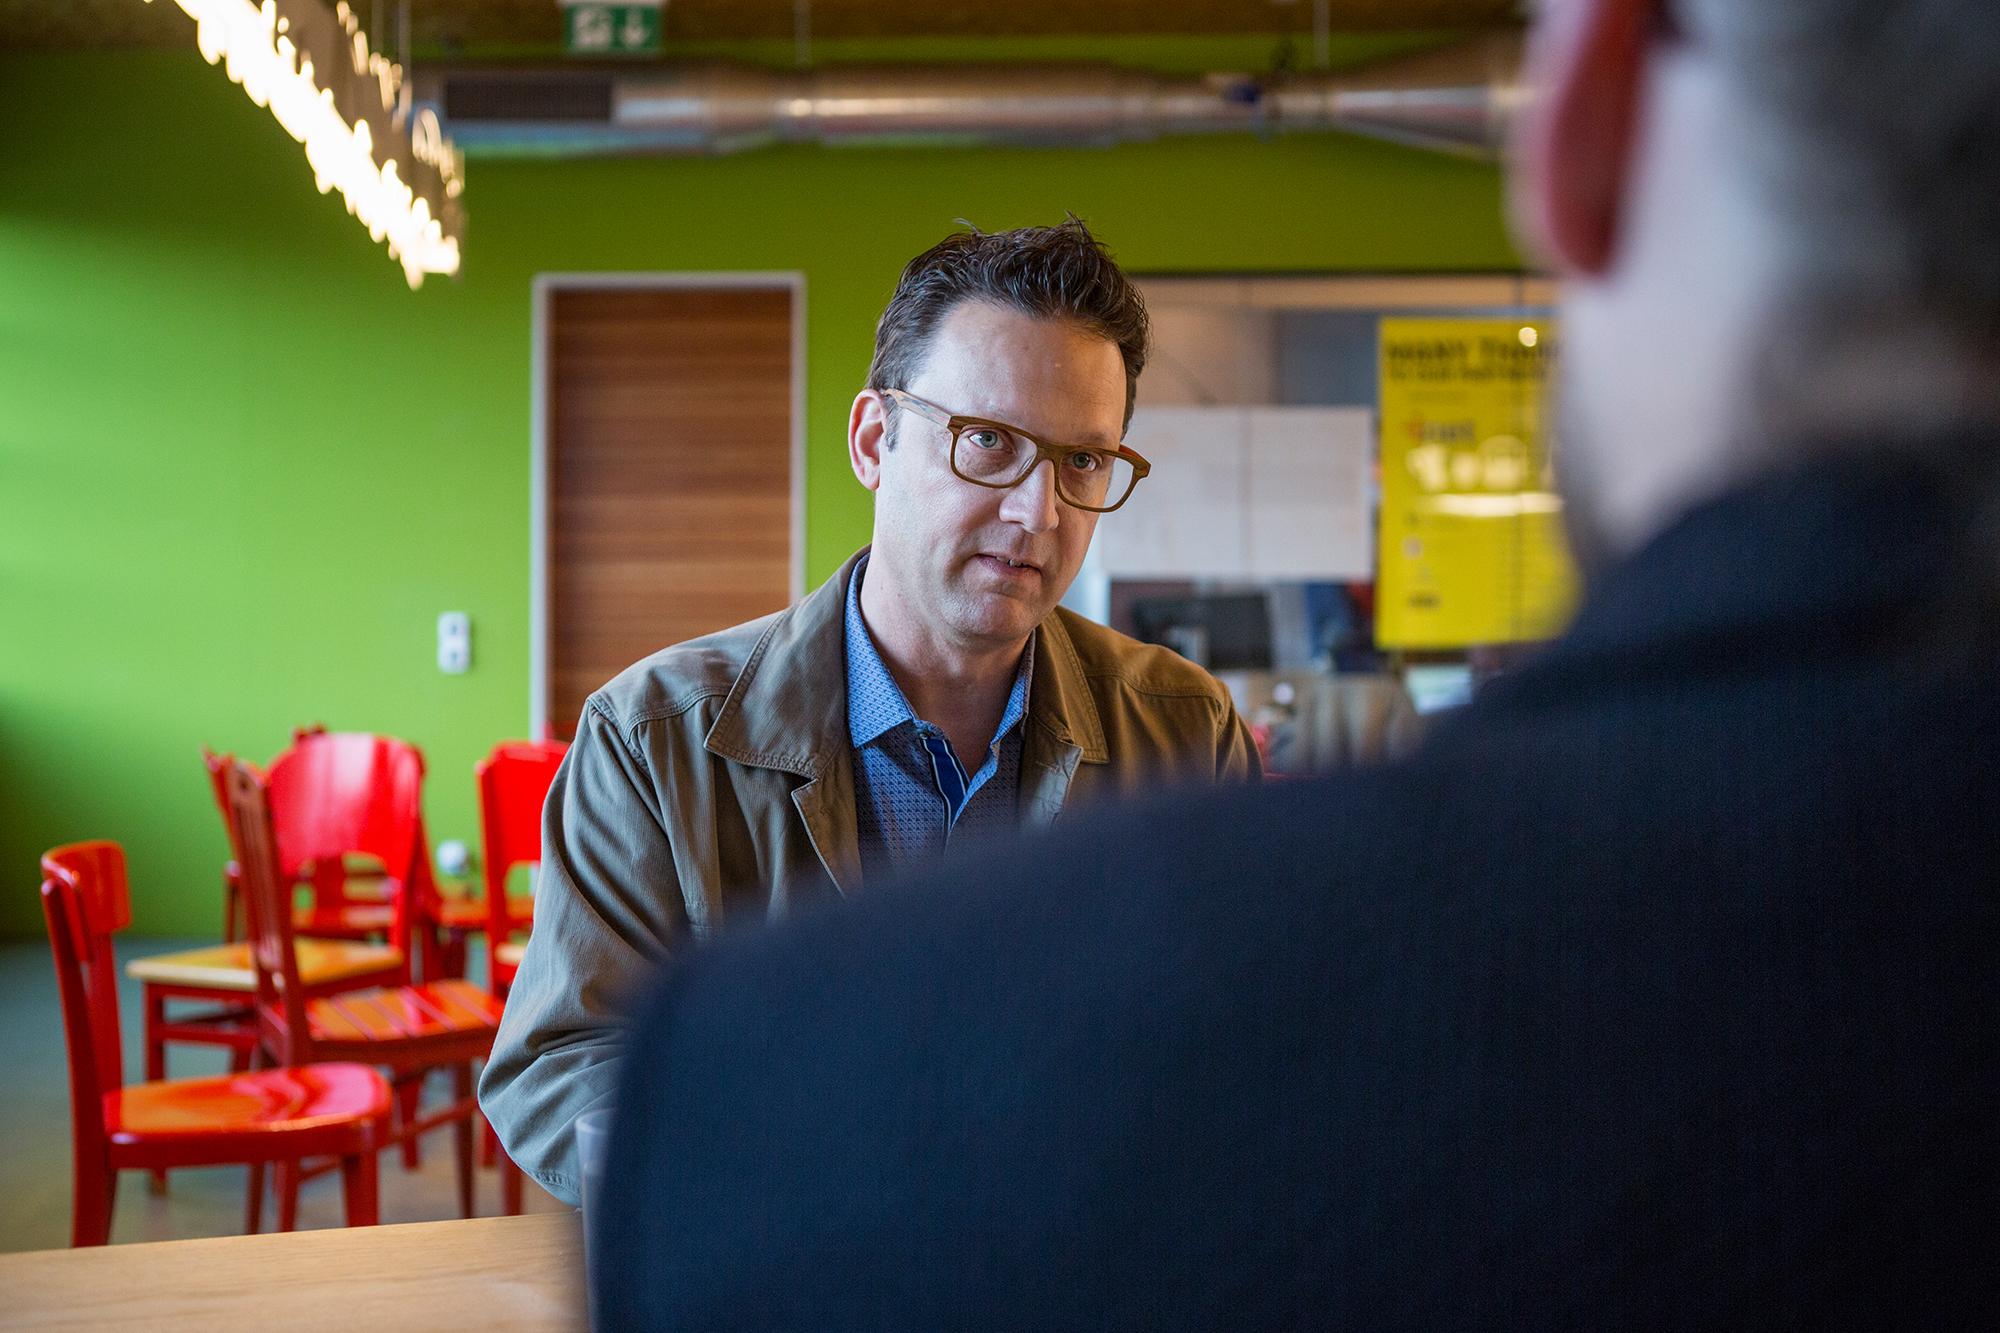 Wir trafen Smith am Rande der Innovations-Konferenz LiftBasel, wo er zum Thema Überalterung sprach.